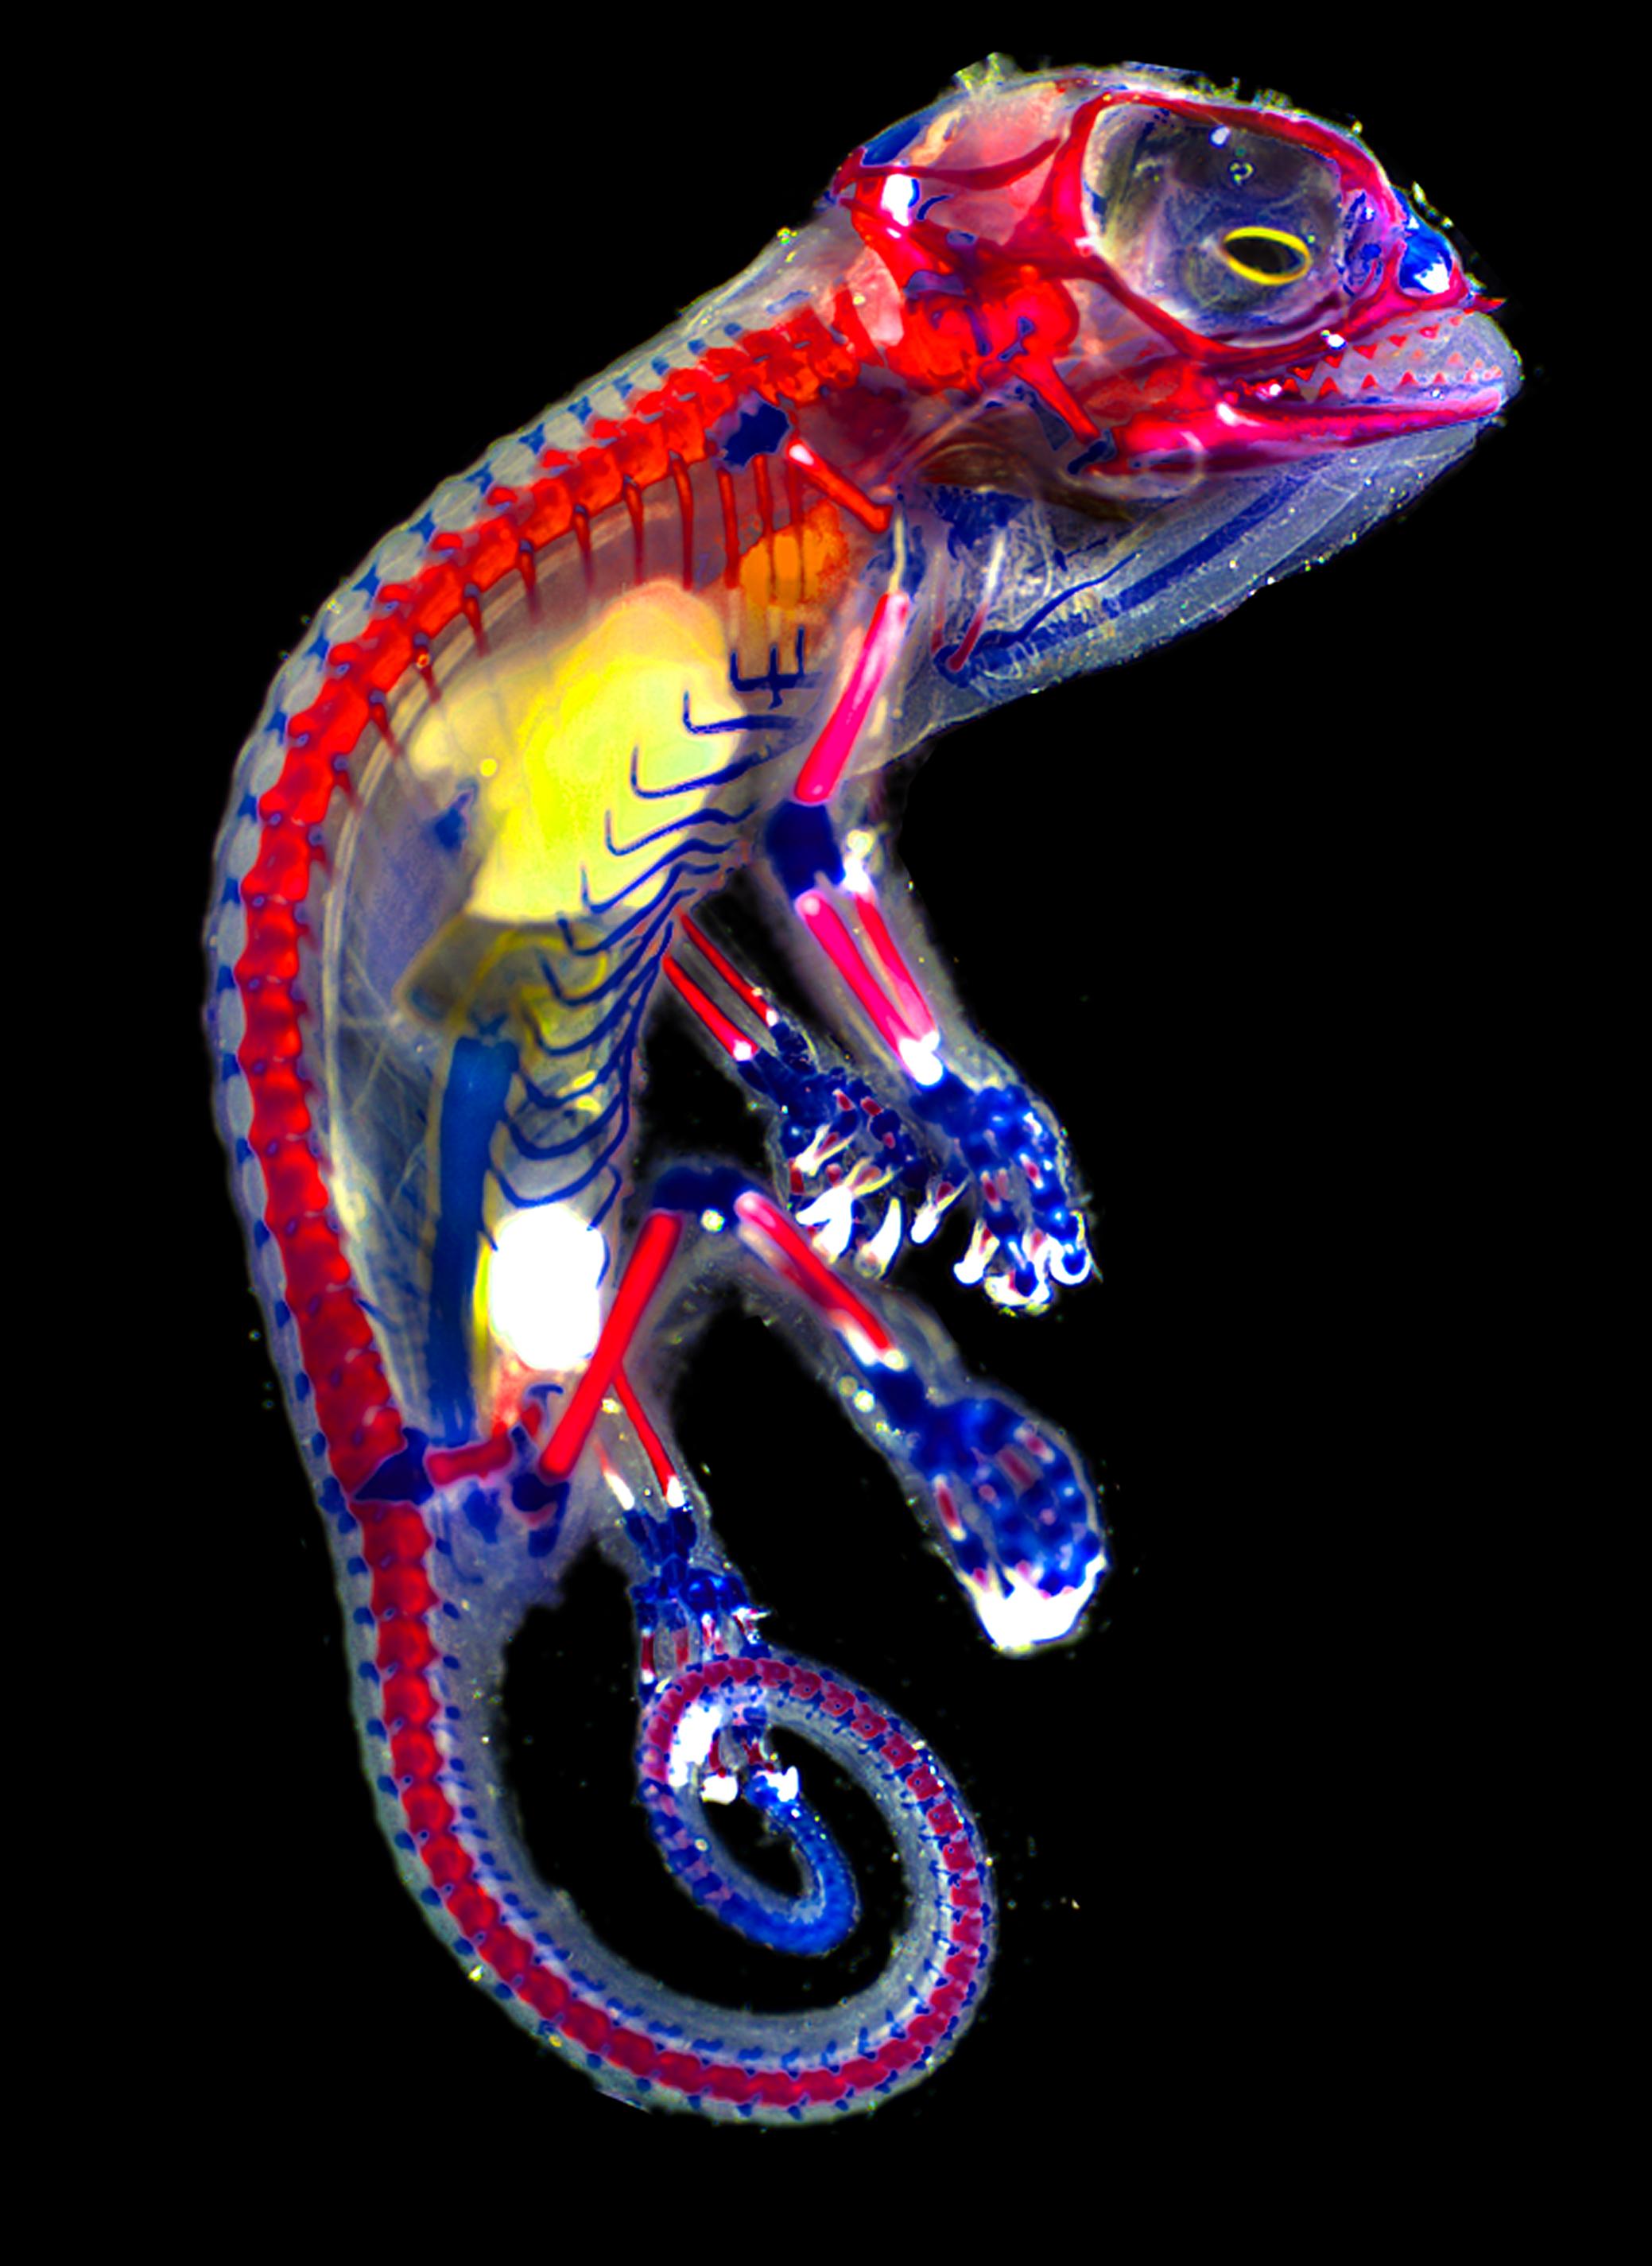 Veiled chameleon skeleton - photo#23